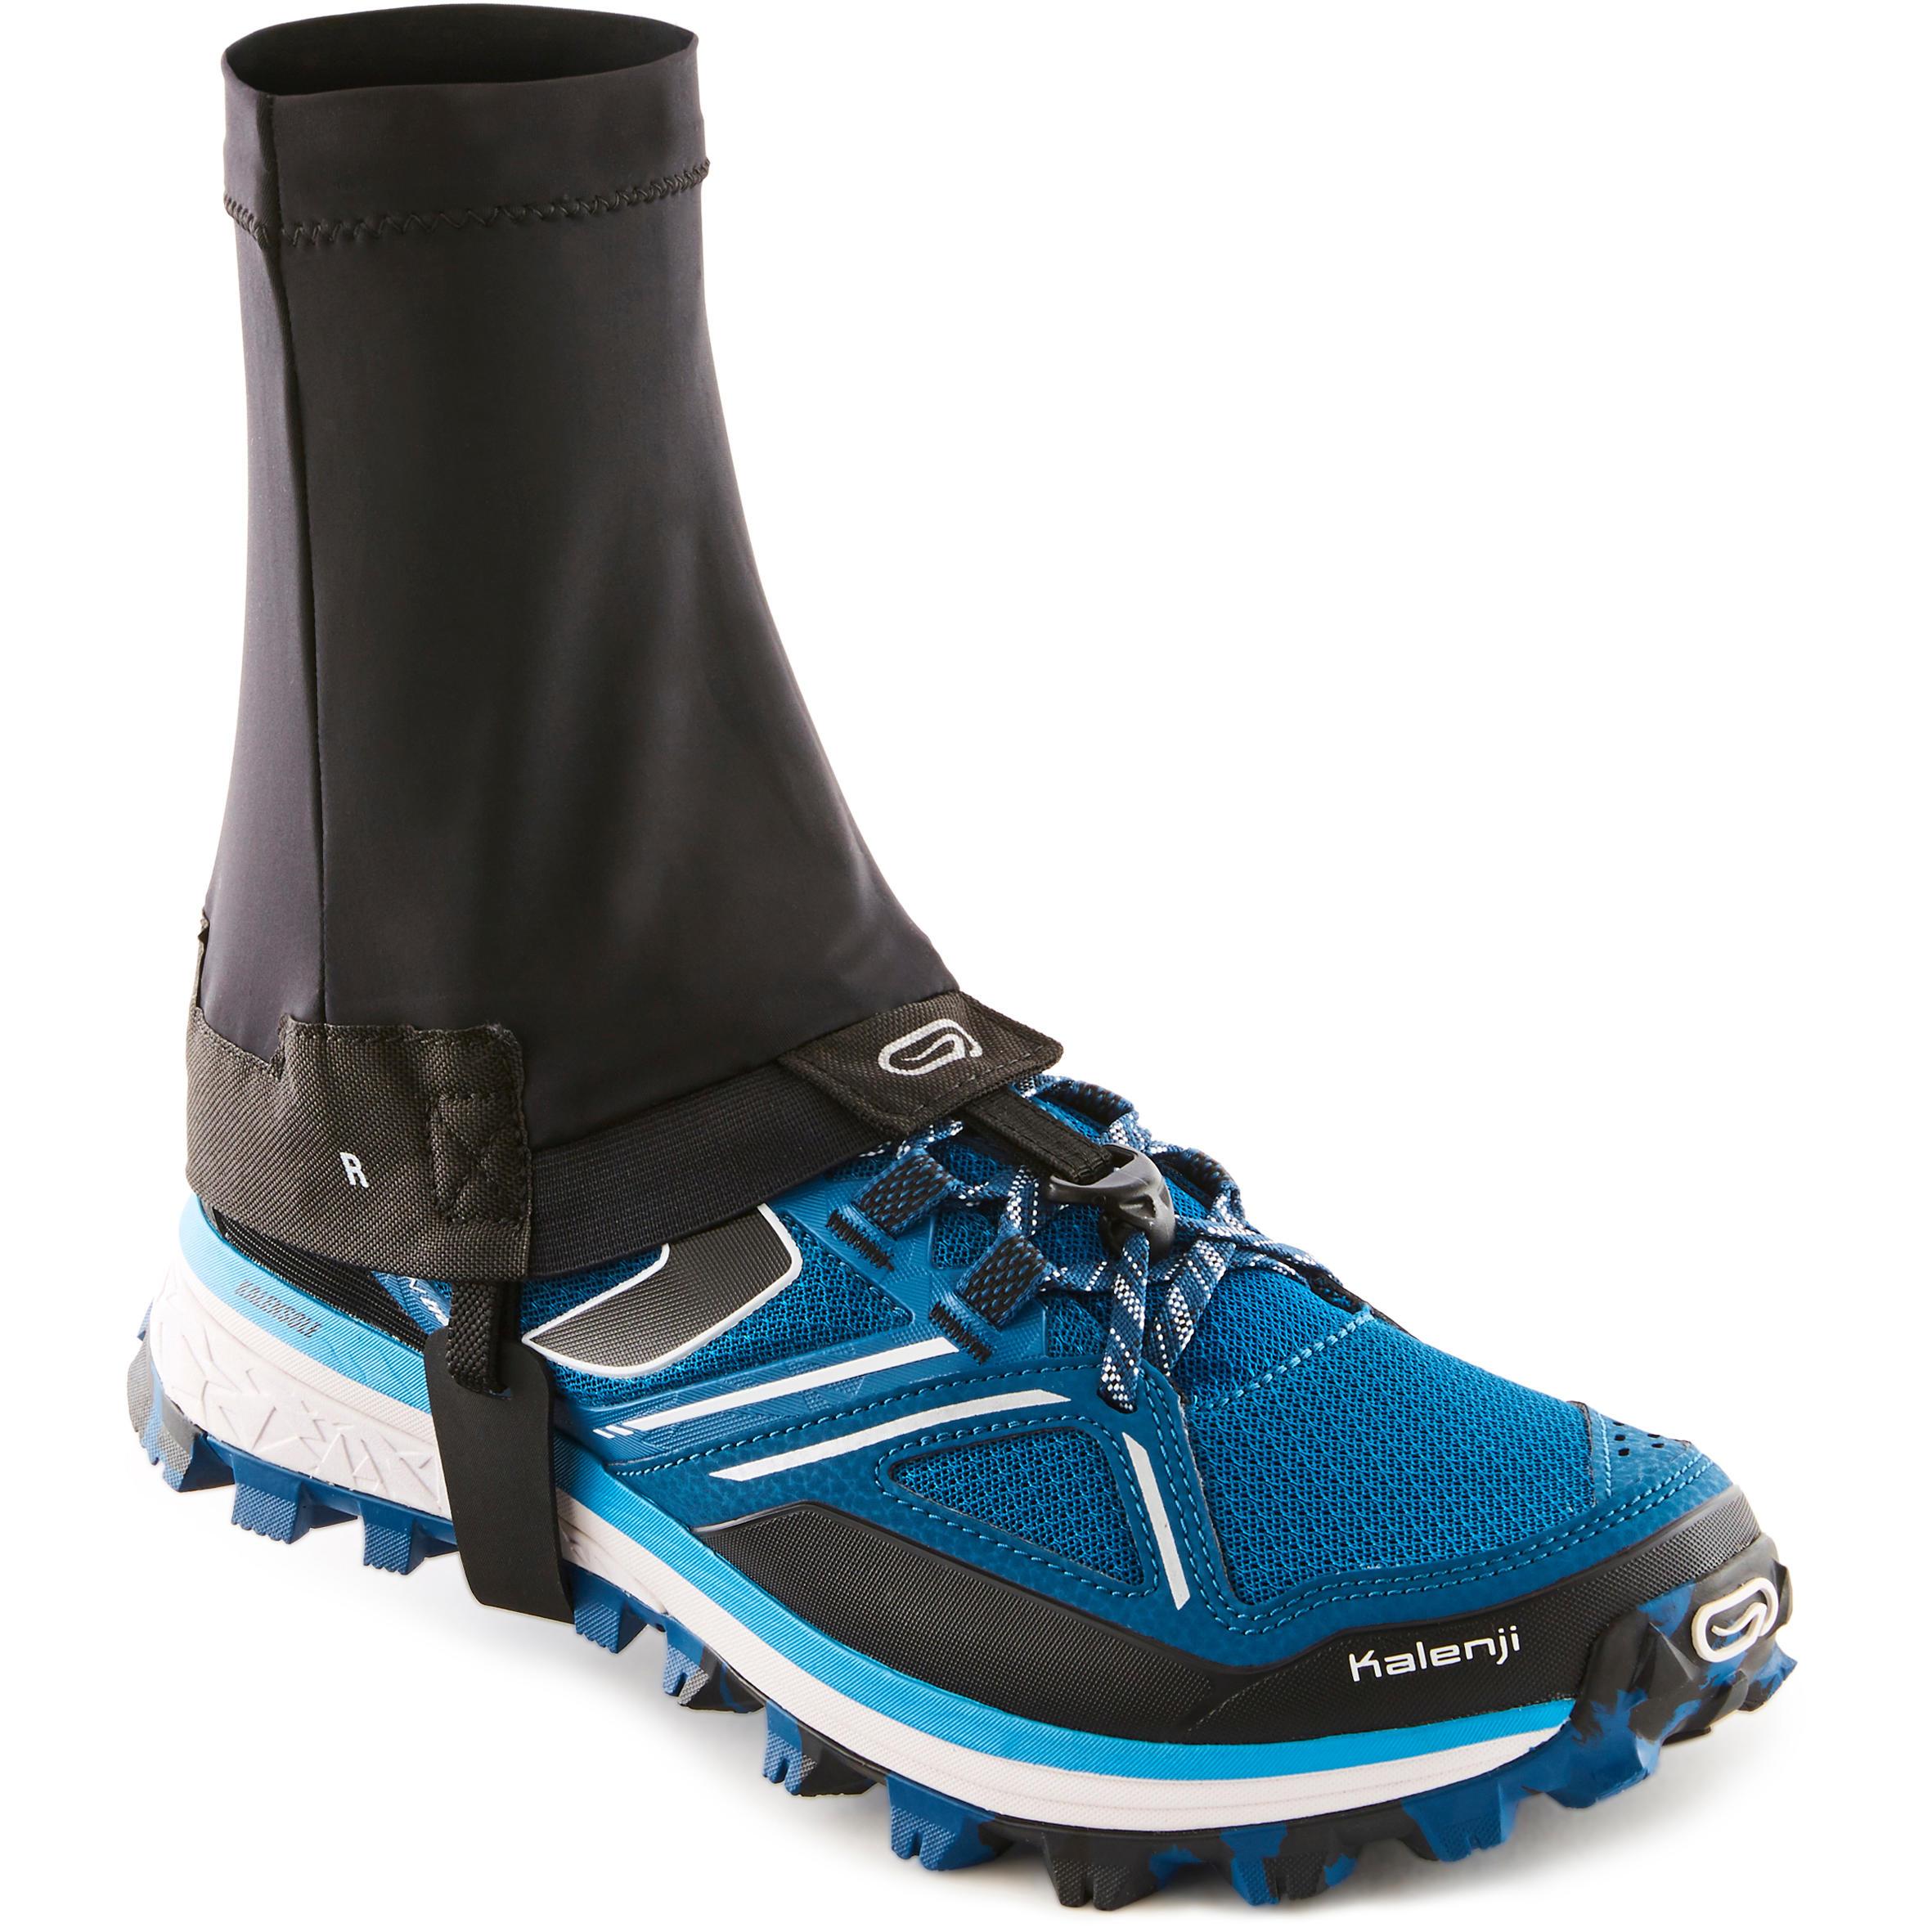 Gamaschen für Trailläufe schwarz | Schuhe > Outdoorschuhe > Gamaschen | Kalenji